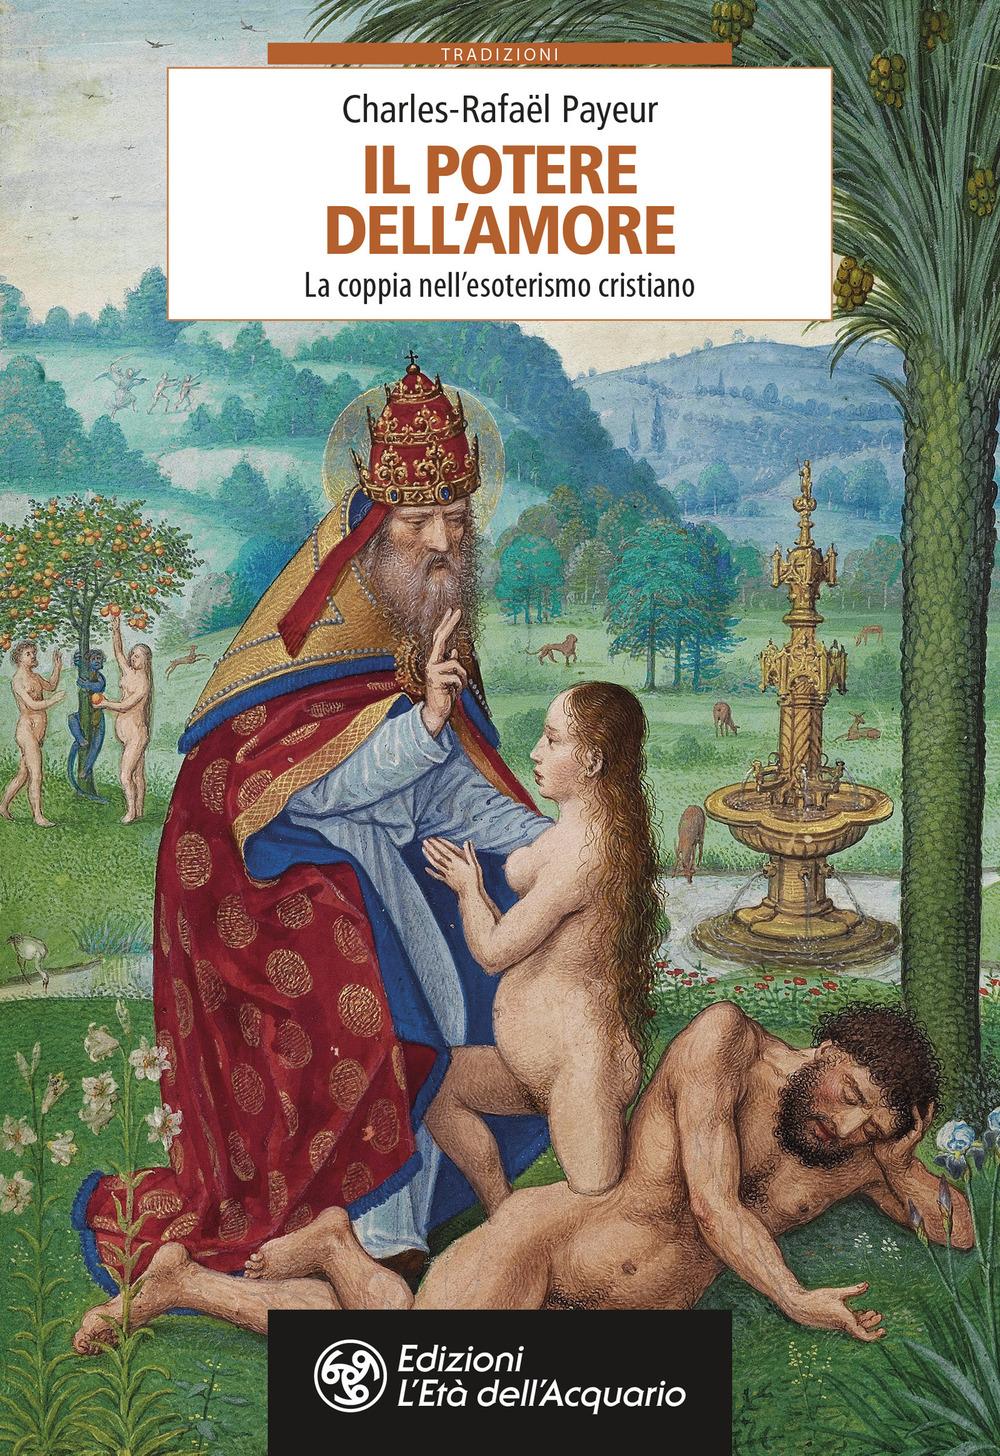 POTERE DELL'AMORE. IL RAPPORTO DI COPPIA SECONDO L'INSEGNAMENTO TRADIZIONALE DELL'ESOTERISMO CRISTIANO (IL) - Payeur Charles-Rafaël; Bresci I. (cur.); Manzana M. (cur.) - 9788833362076